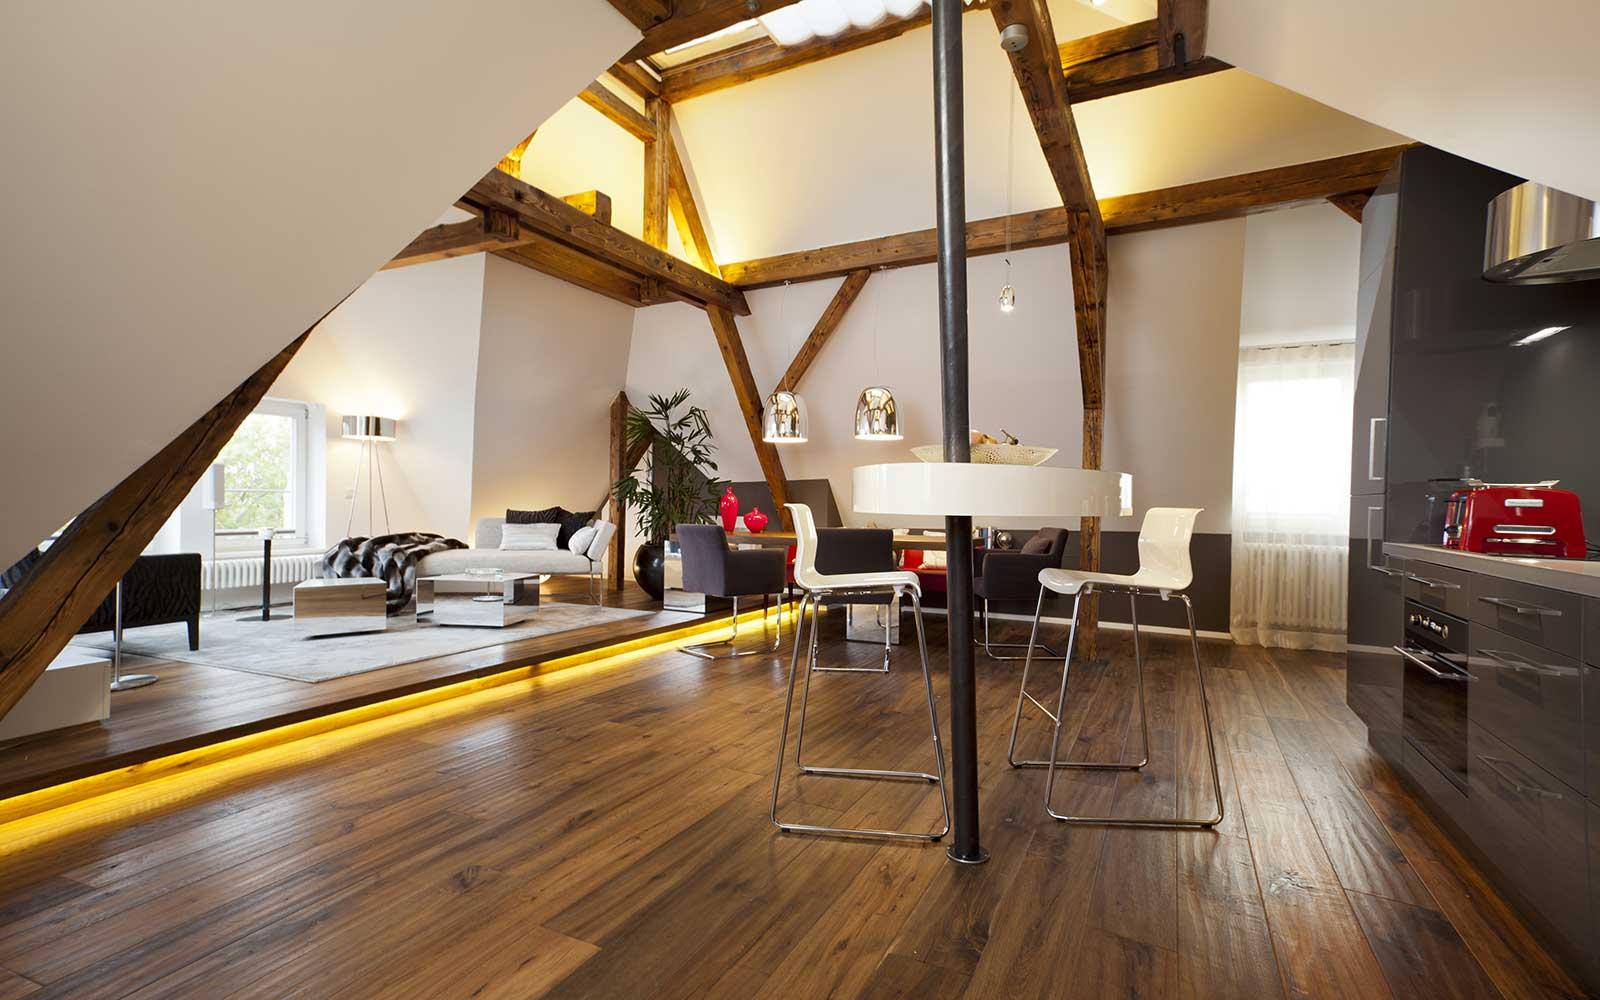 Dachstudio am Neckar in HD Neuenheim, Kochhan und Weckbach, Architekt Heidelberg